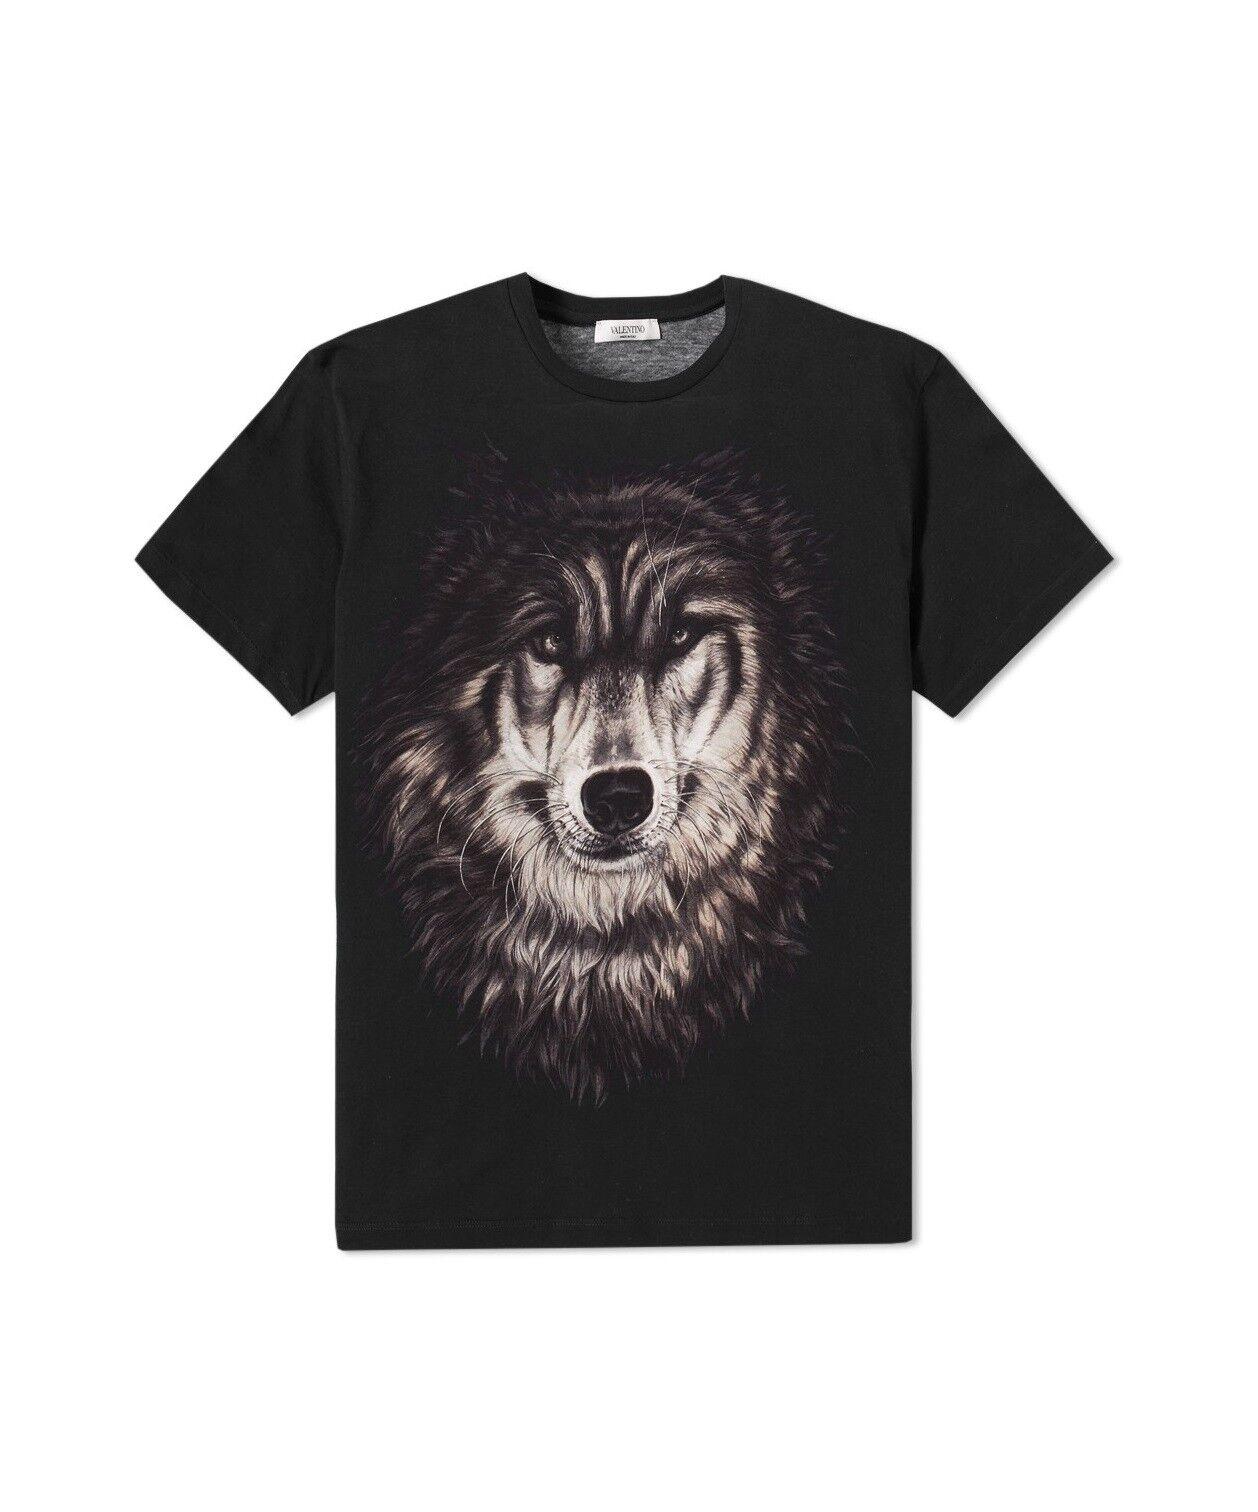 VALENTINO Wolf T-SHIRT, Tg Large & XL-NUOVA con etichetta, prezzo consigliato